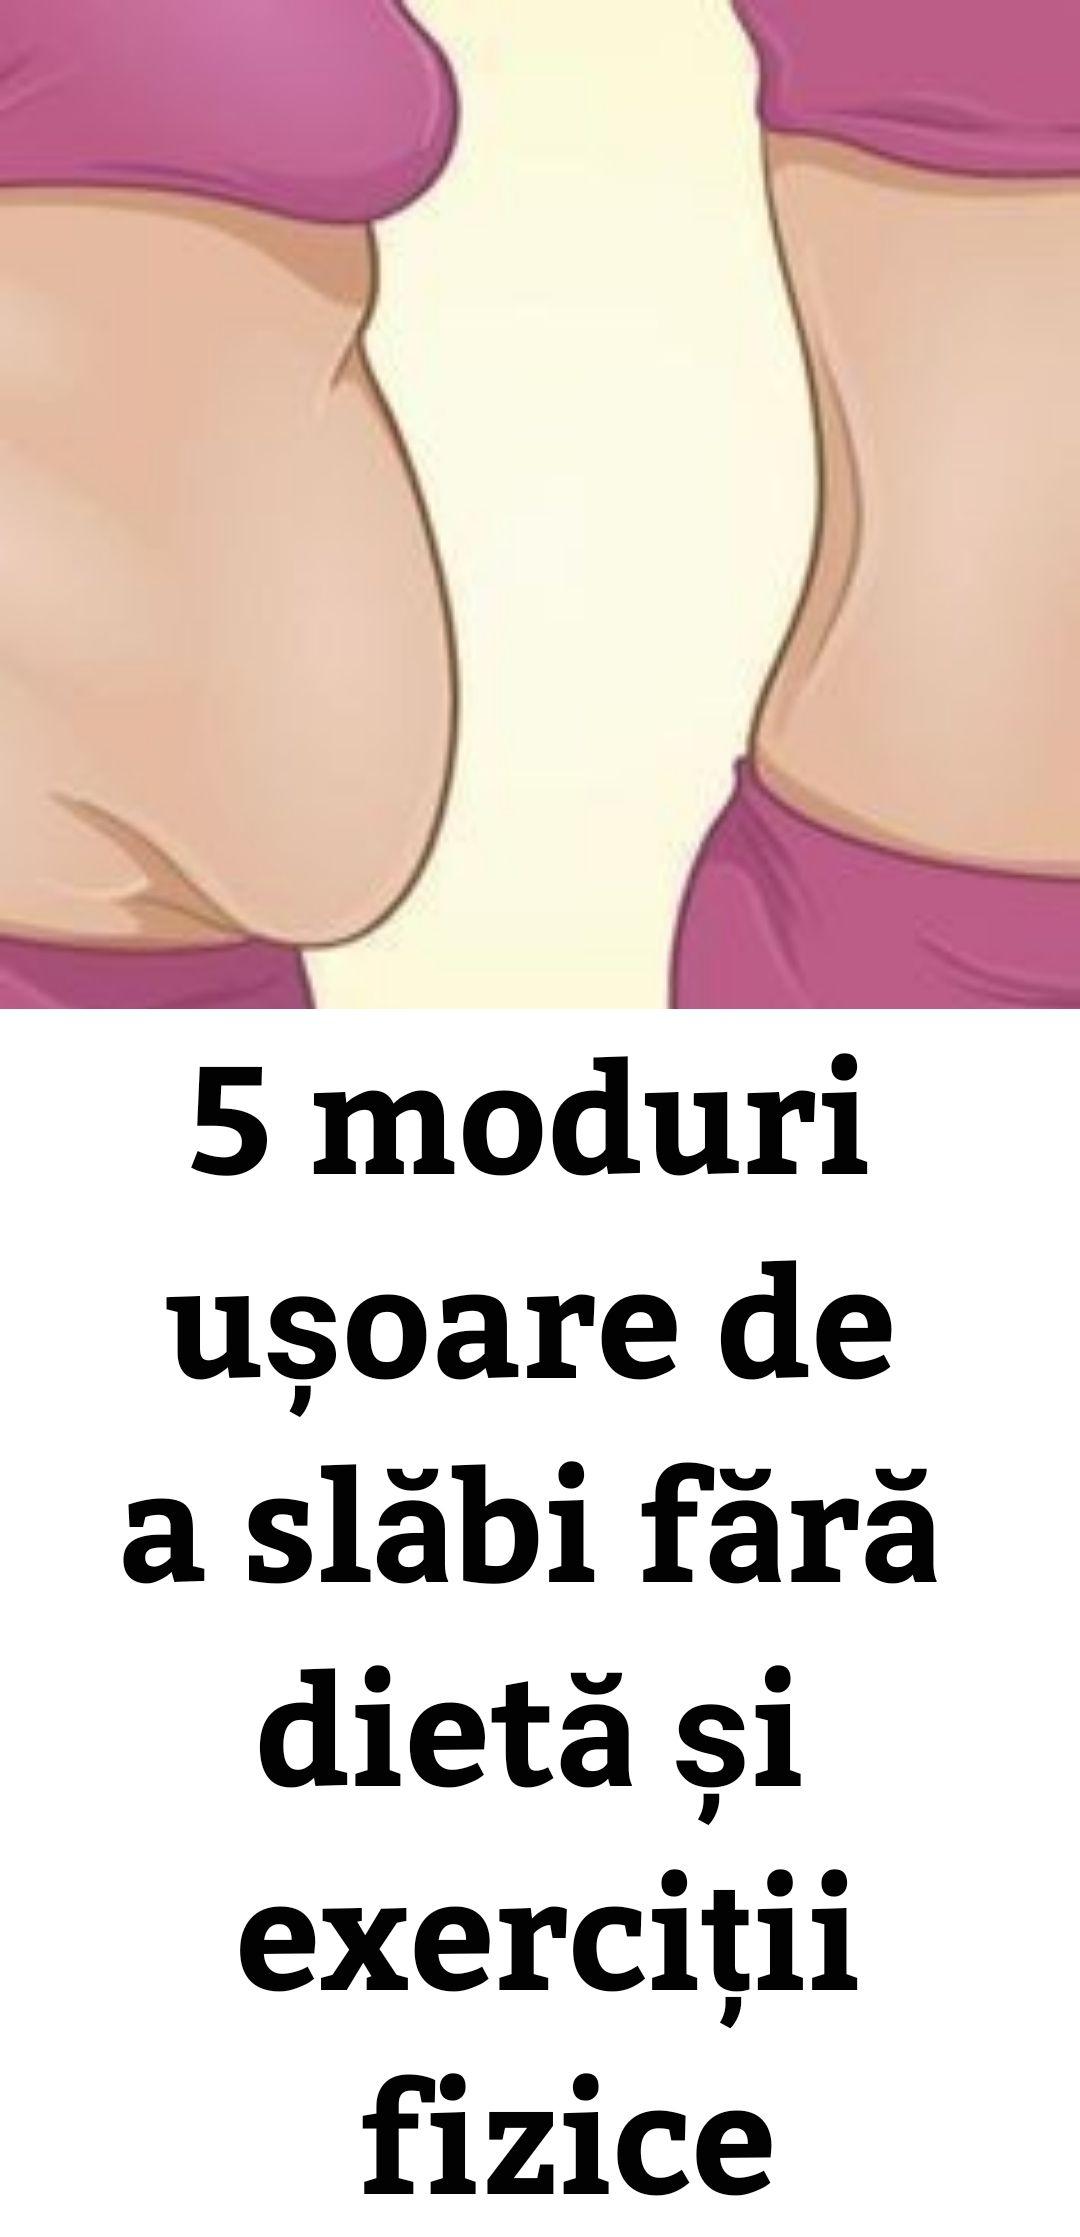 pierdere în greutate sănătoasă în 20 de săptămâni glenn harrold pierde acum în greutate